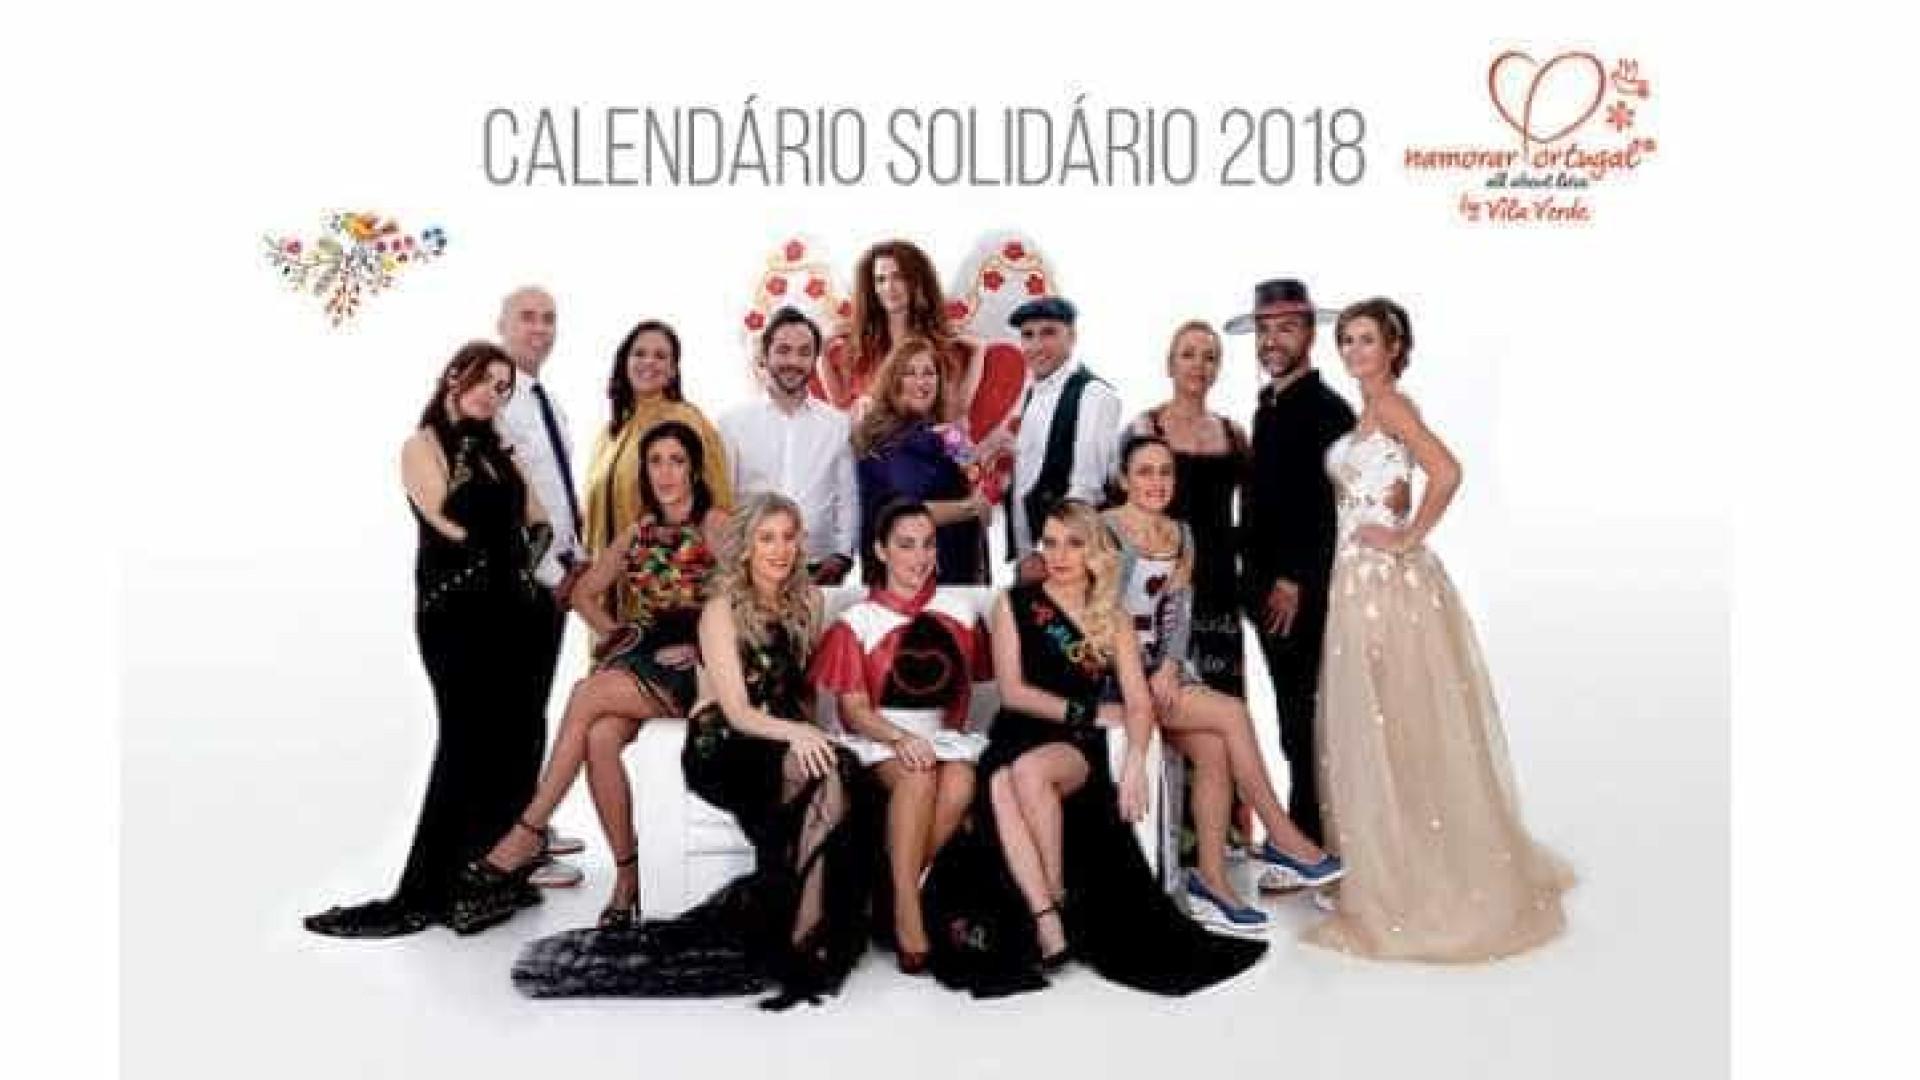 50116d35c Vila Verde:Funcionários e vereadora em calendário namoradeiro e solidário